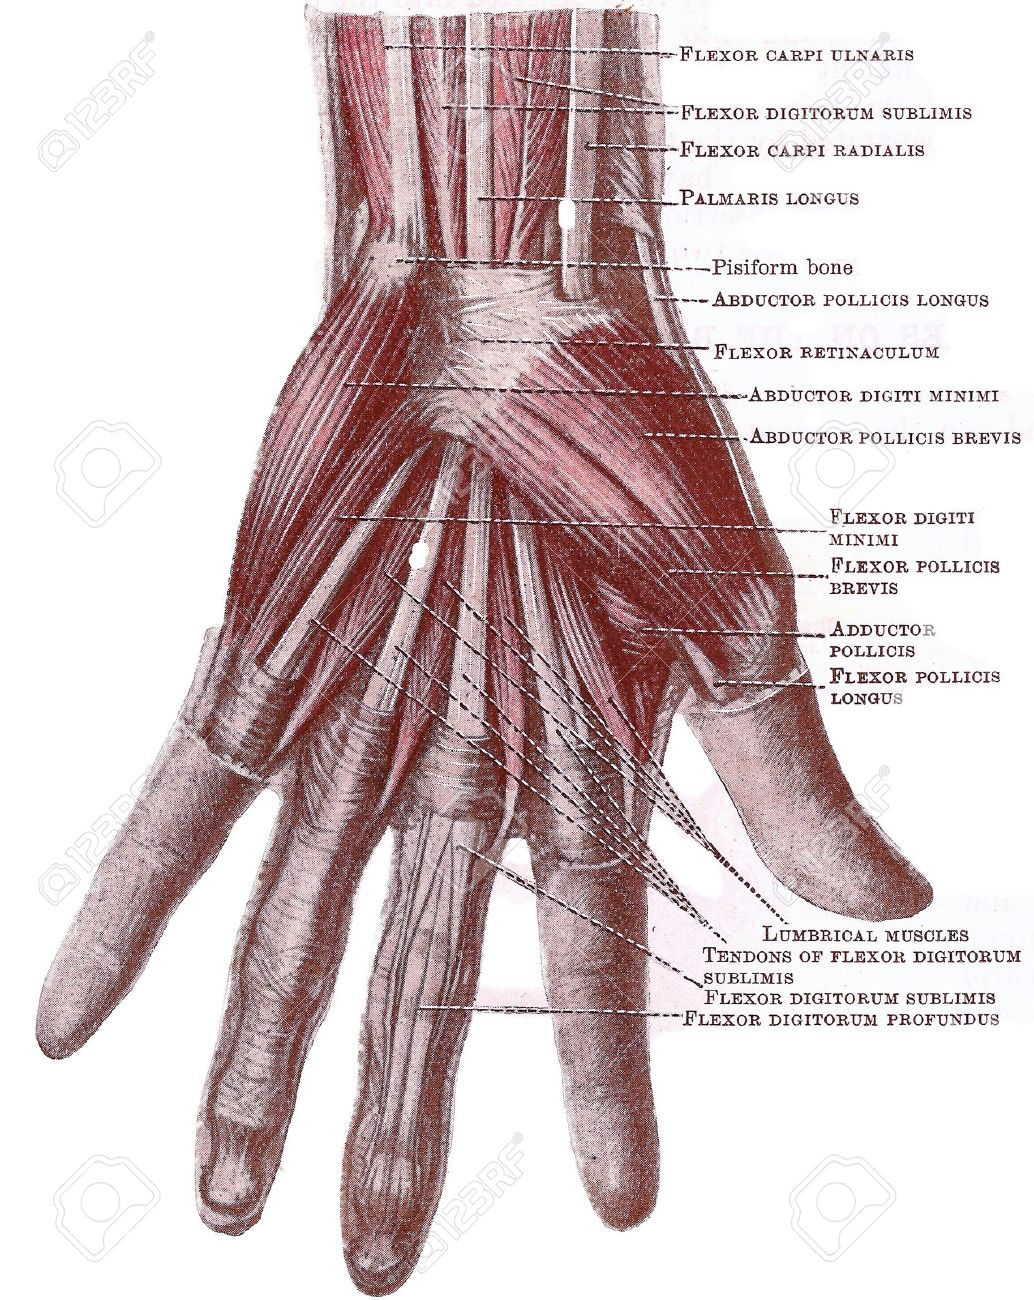 Disección de la mano - músculos superficiales y tnedons en la Palma, de un libro de texto de anatomía de principios del siglo XX, sin derechos de autor  Foto de archivo - 5327562